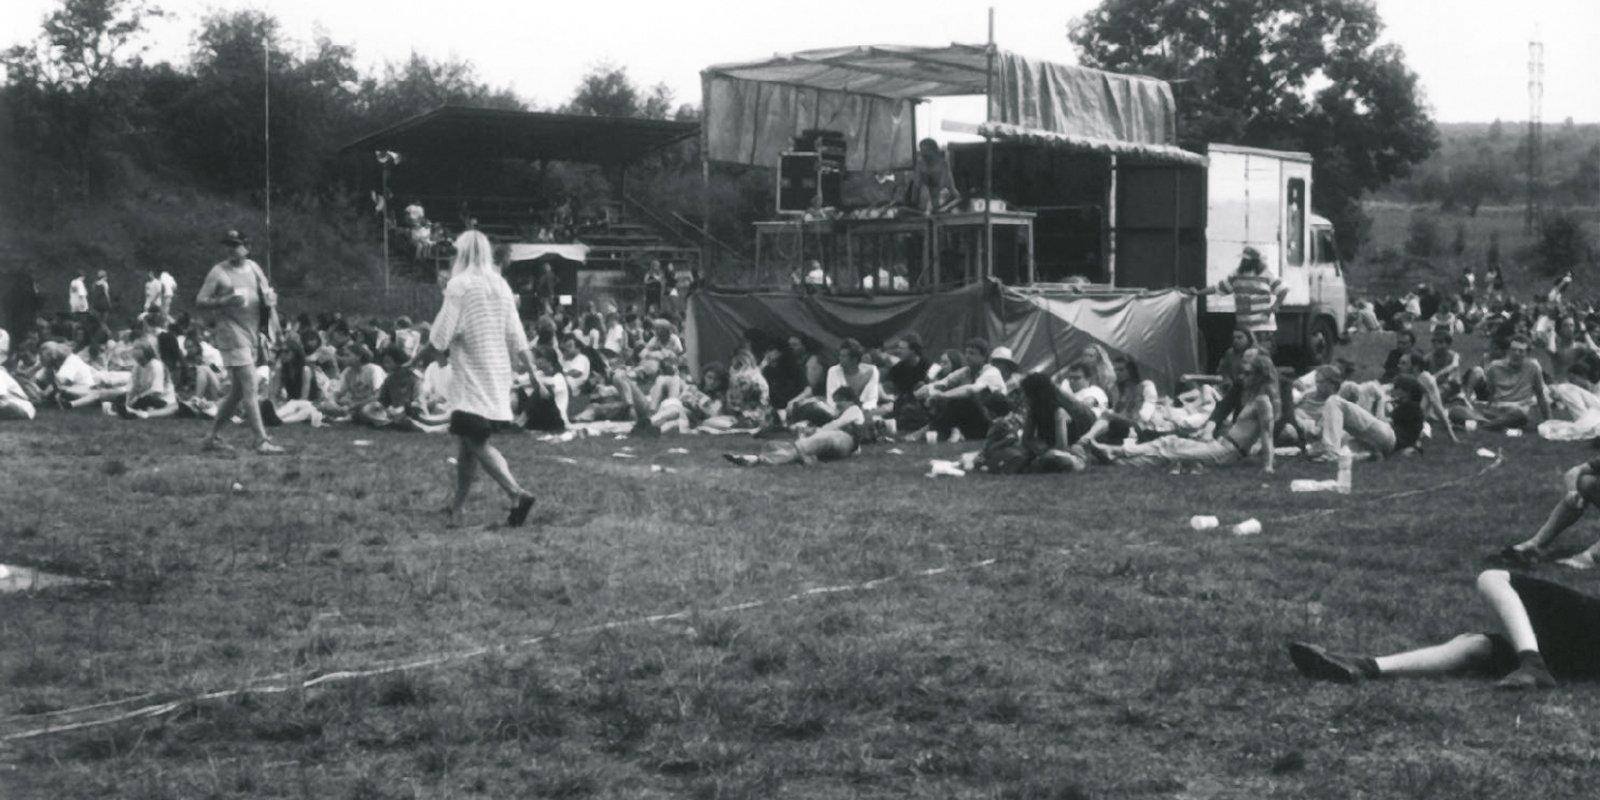 První ročník festivalu navštívilo 1100 návštěvníků, jejich počet od té doby vzrostl téměř pětadvacetkrát.